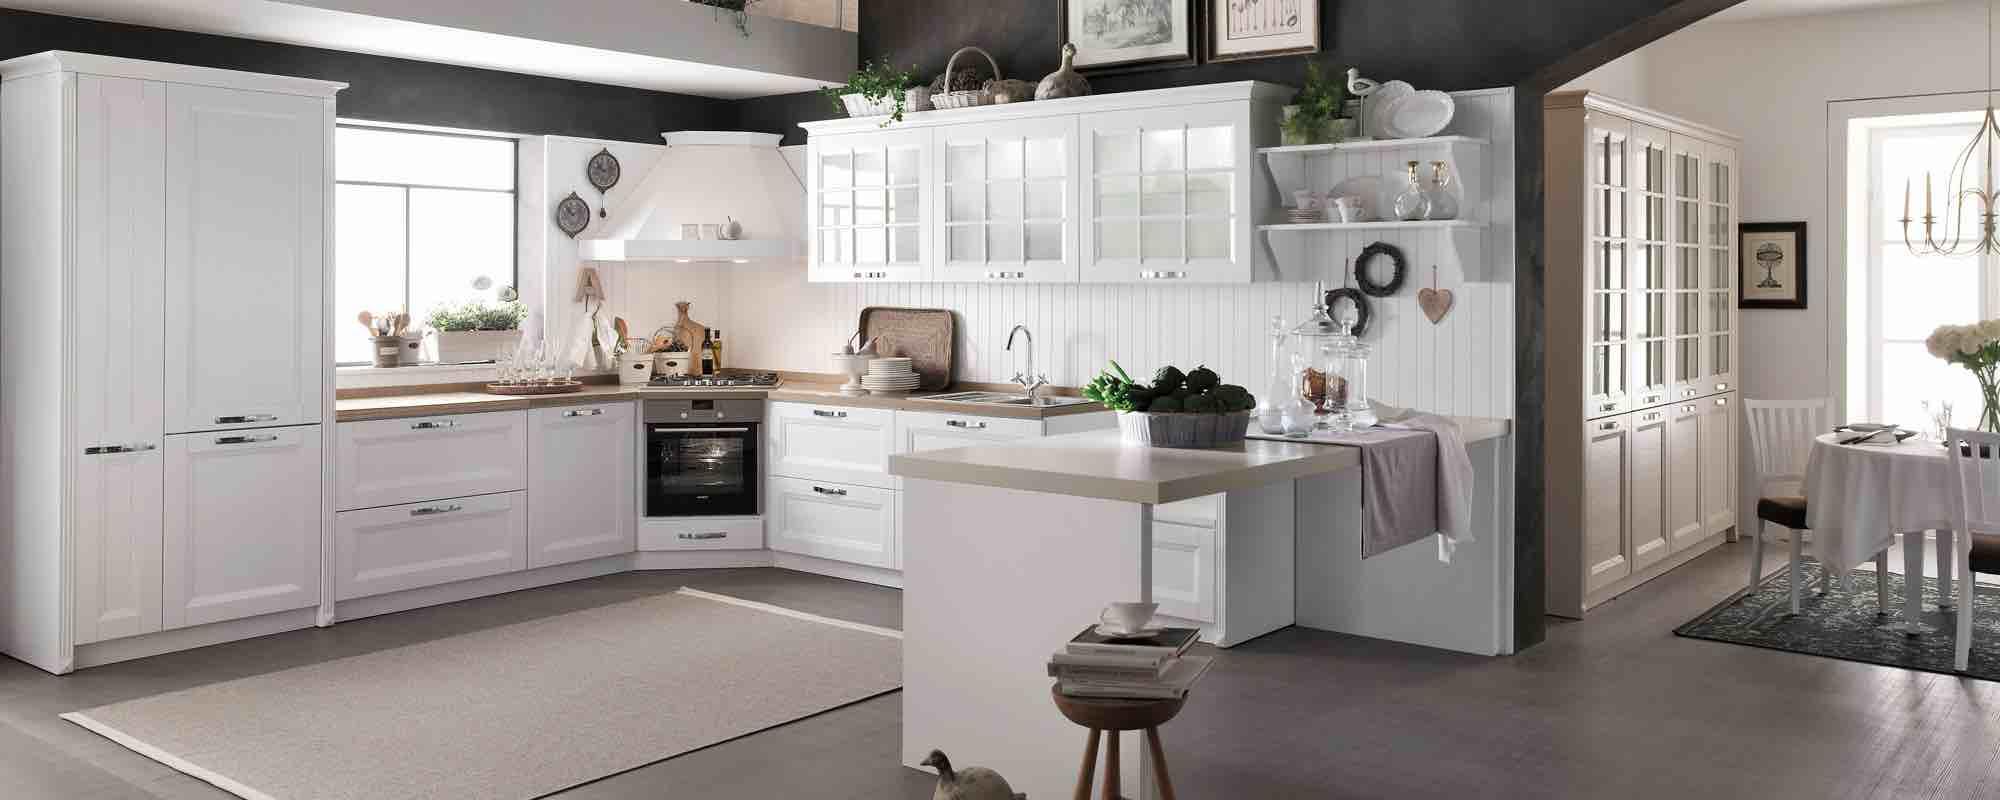 cucine contemporanee vibo valentia scarcia arredamenti